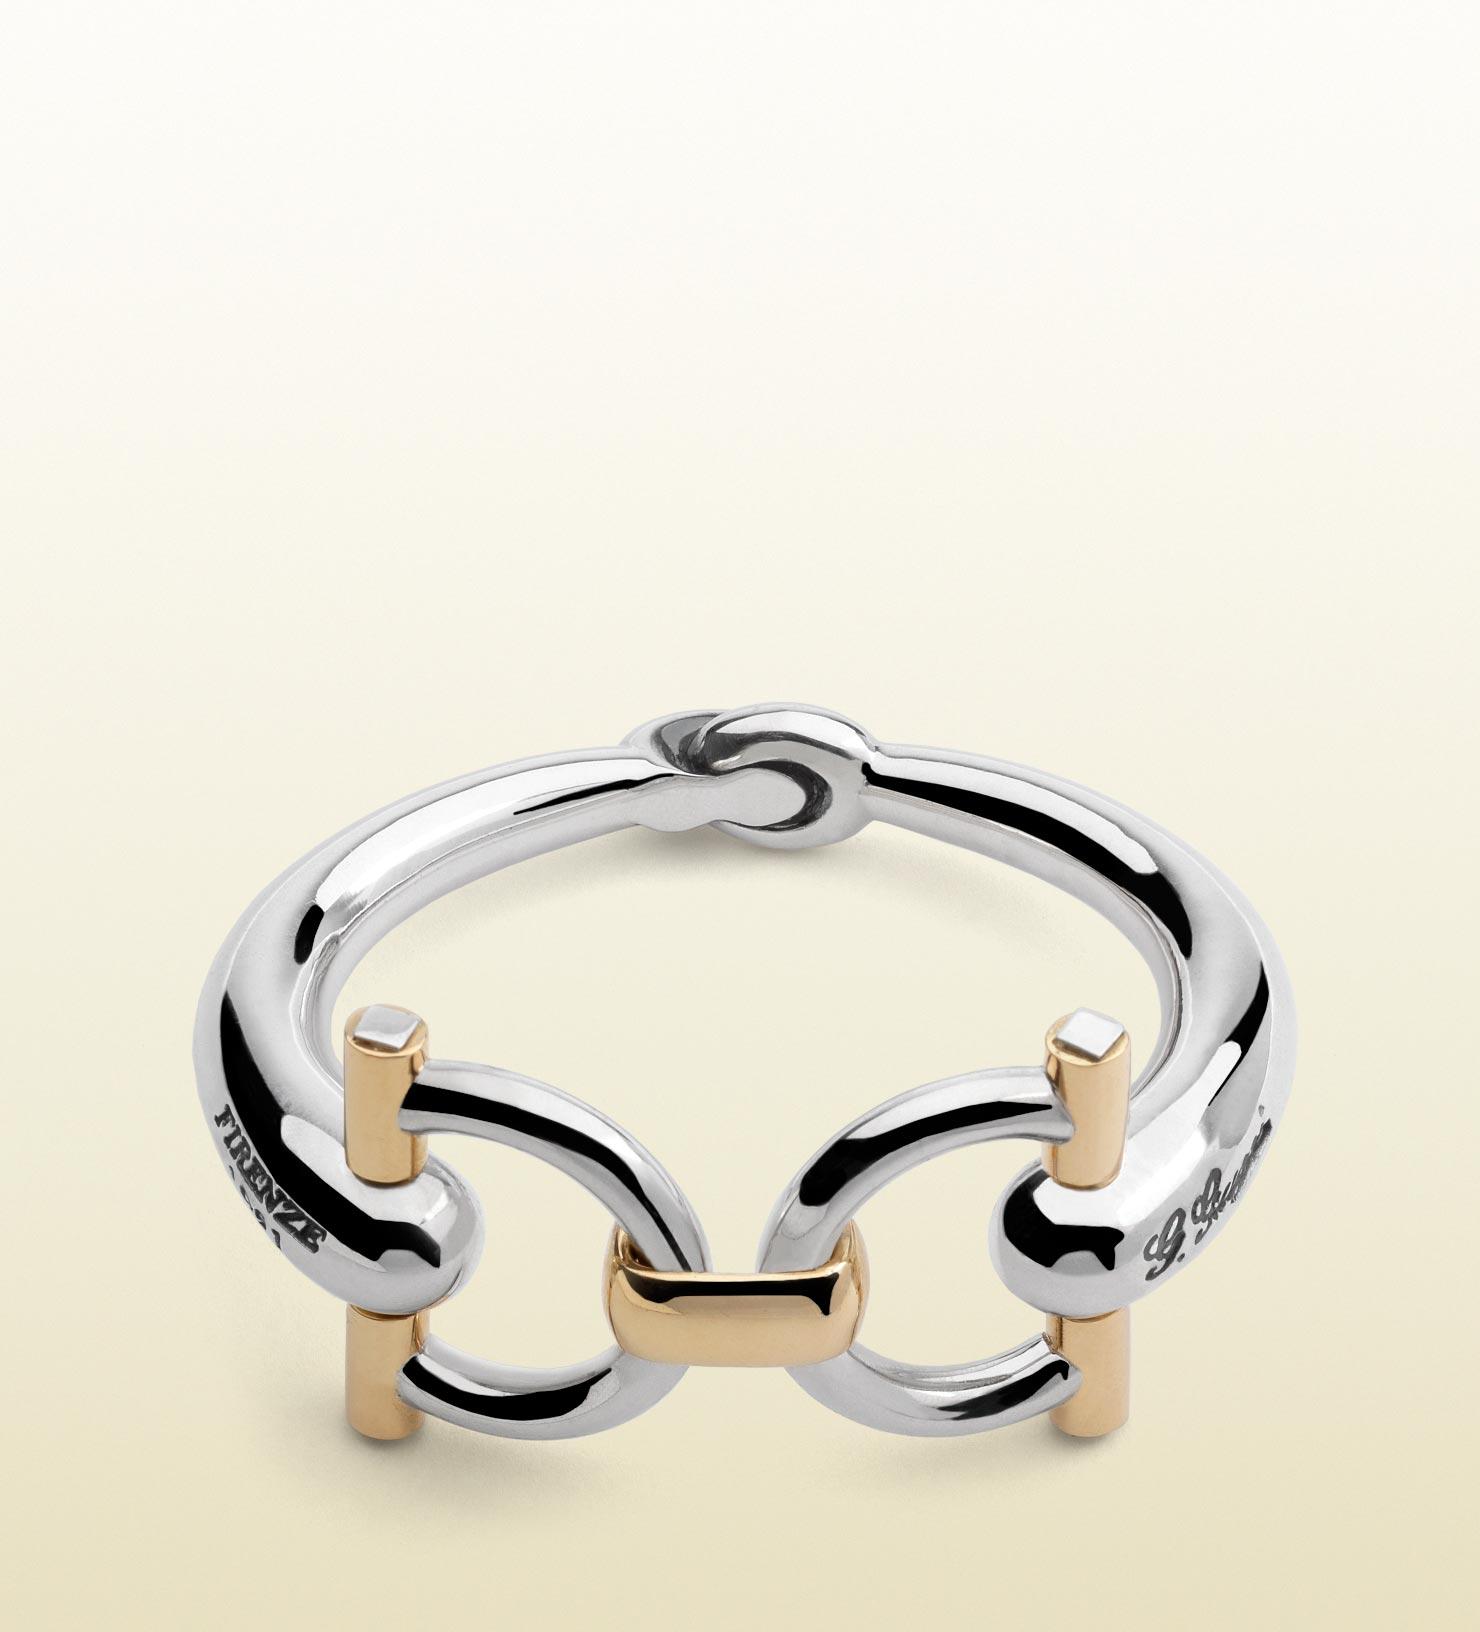 94db19e20 ... jewelry · gucci horsebit bracelet in silver 363940j84000702 · gallery  ...